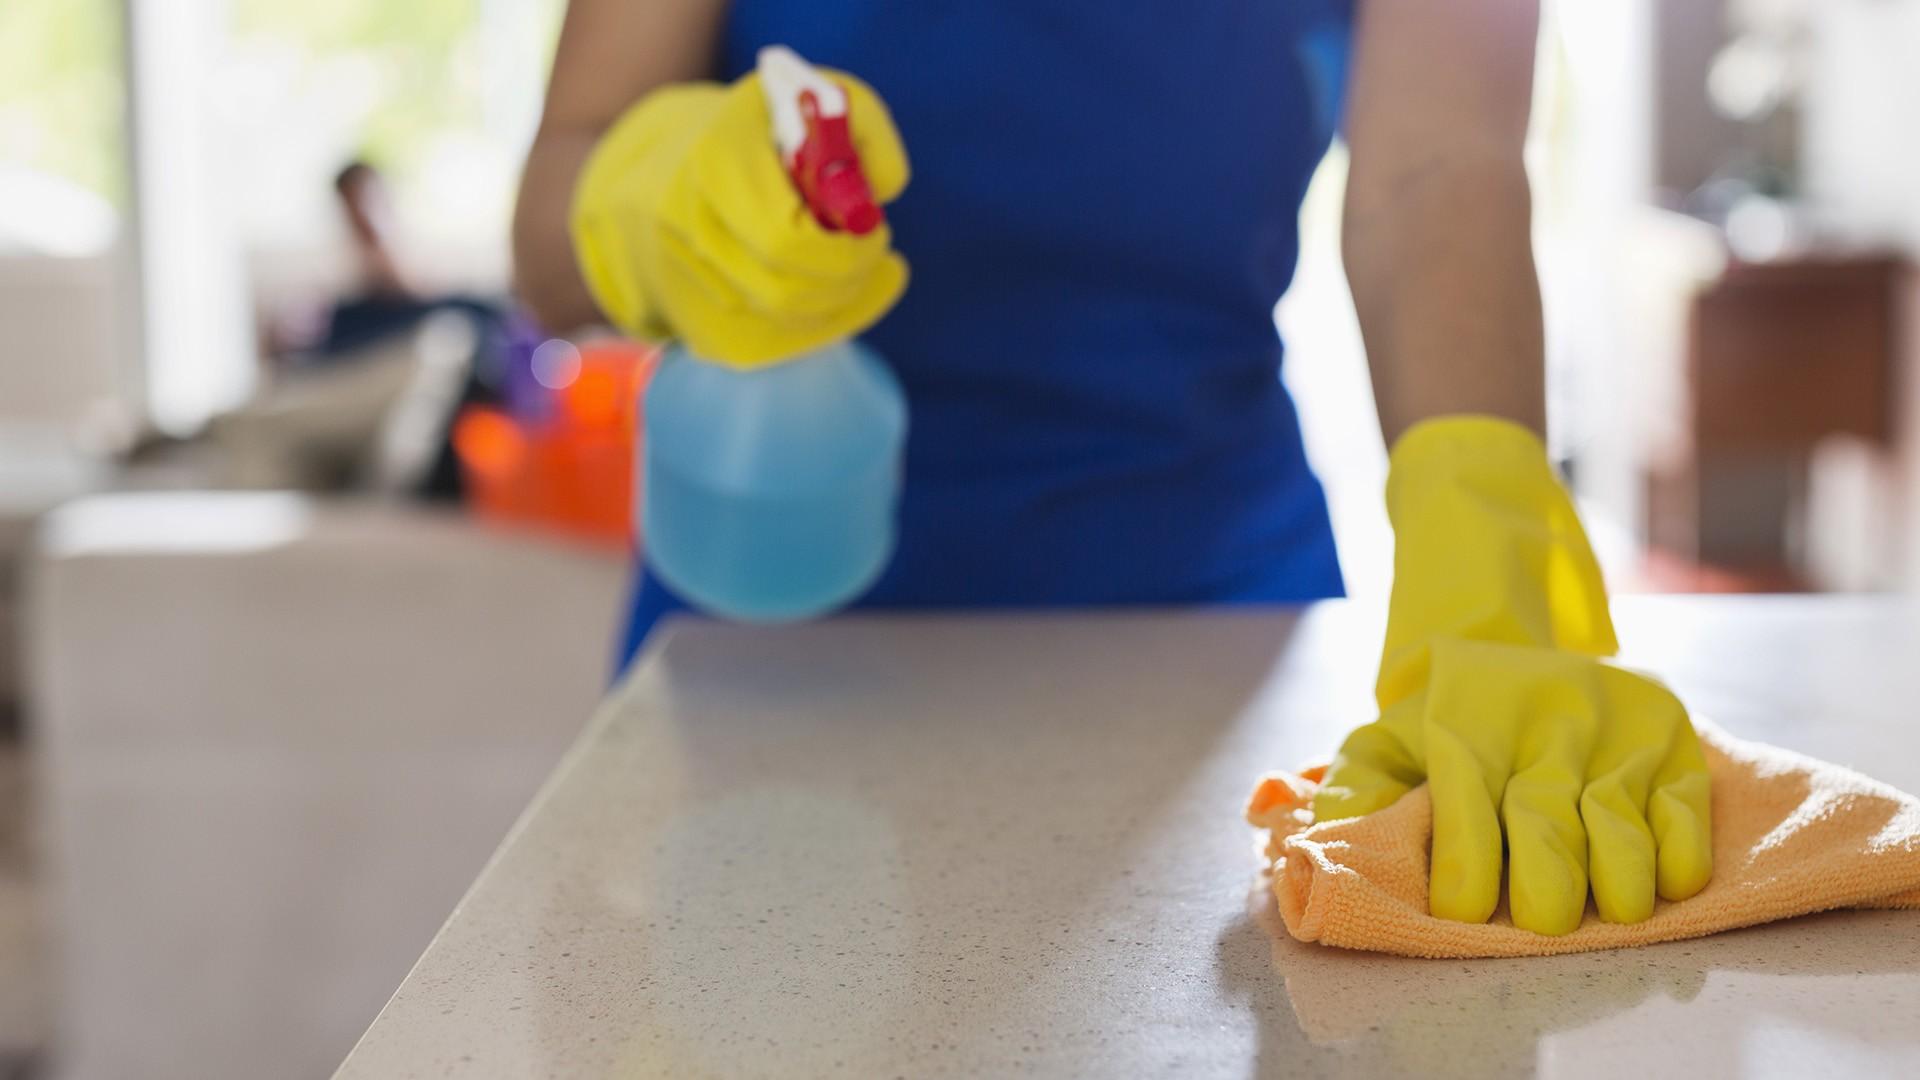 العاملة-المنزلية-بين-الضرورة-والترف